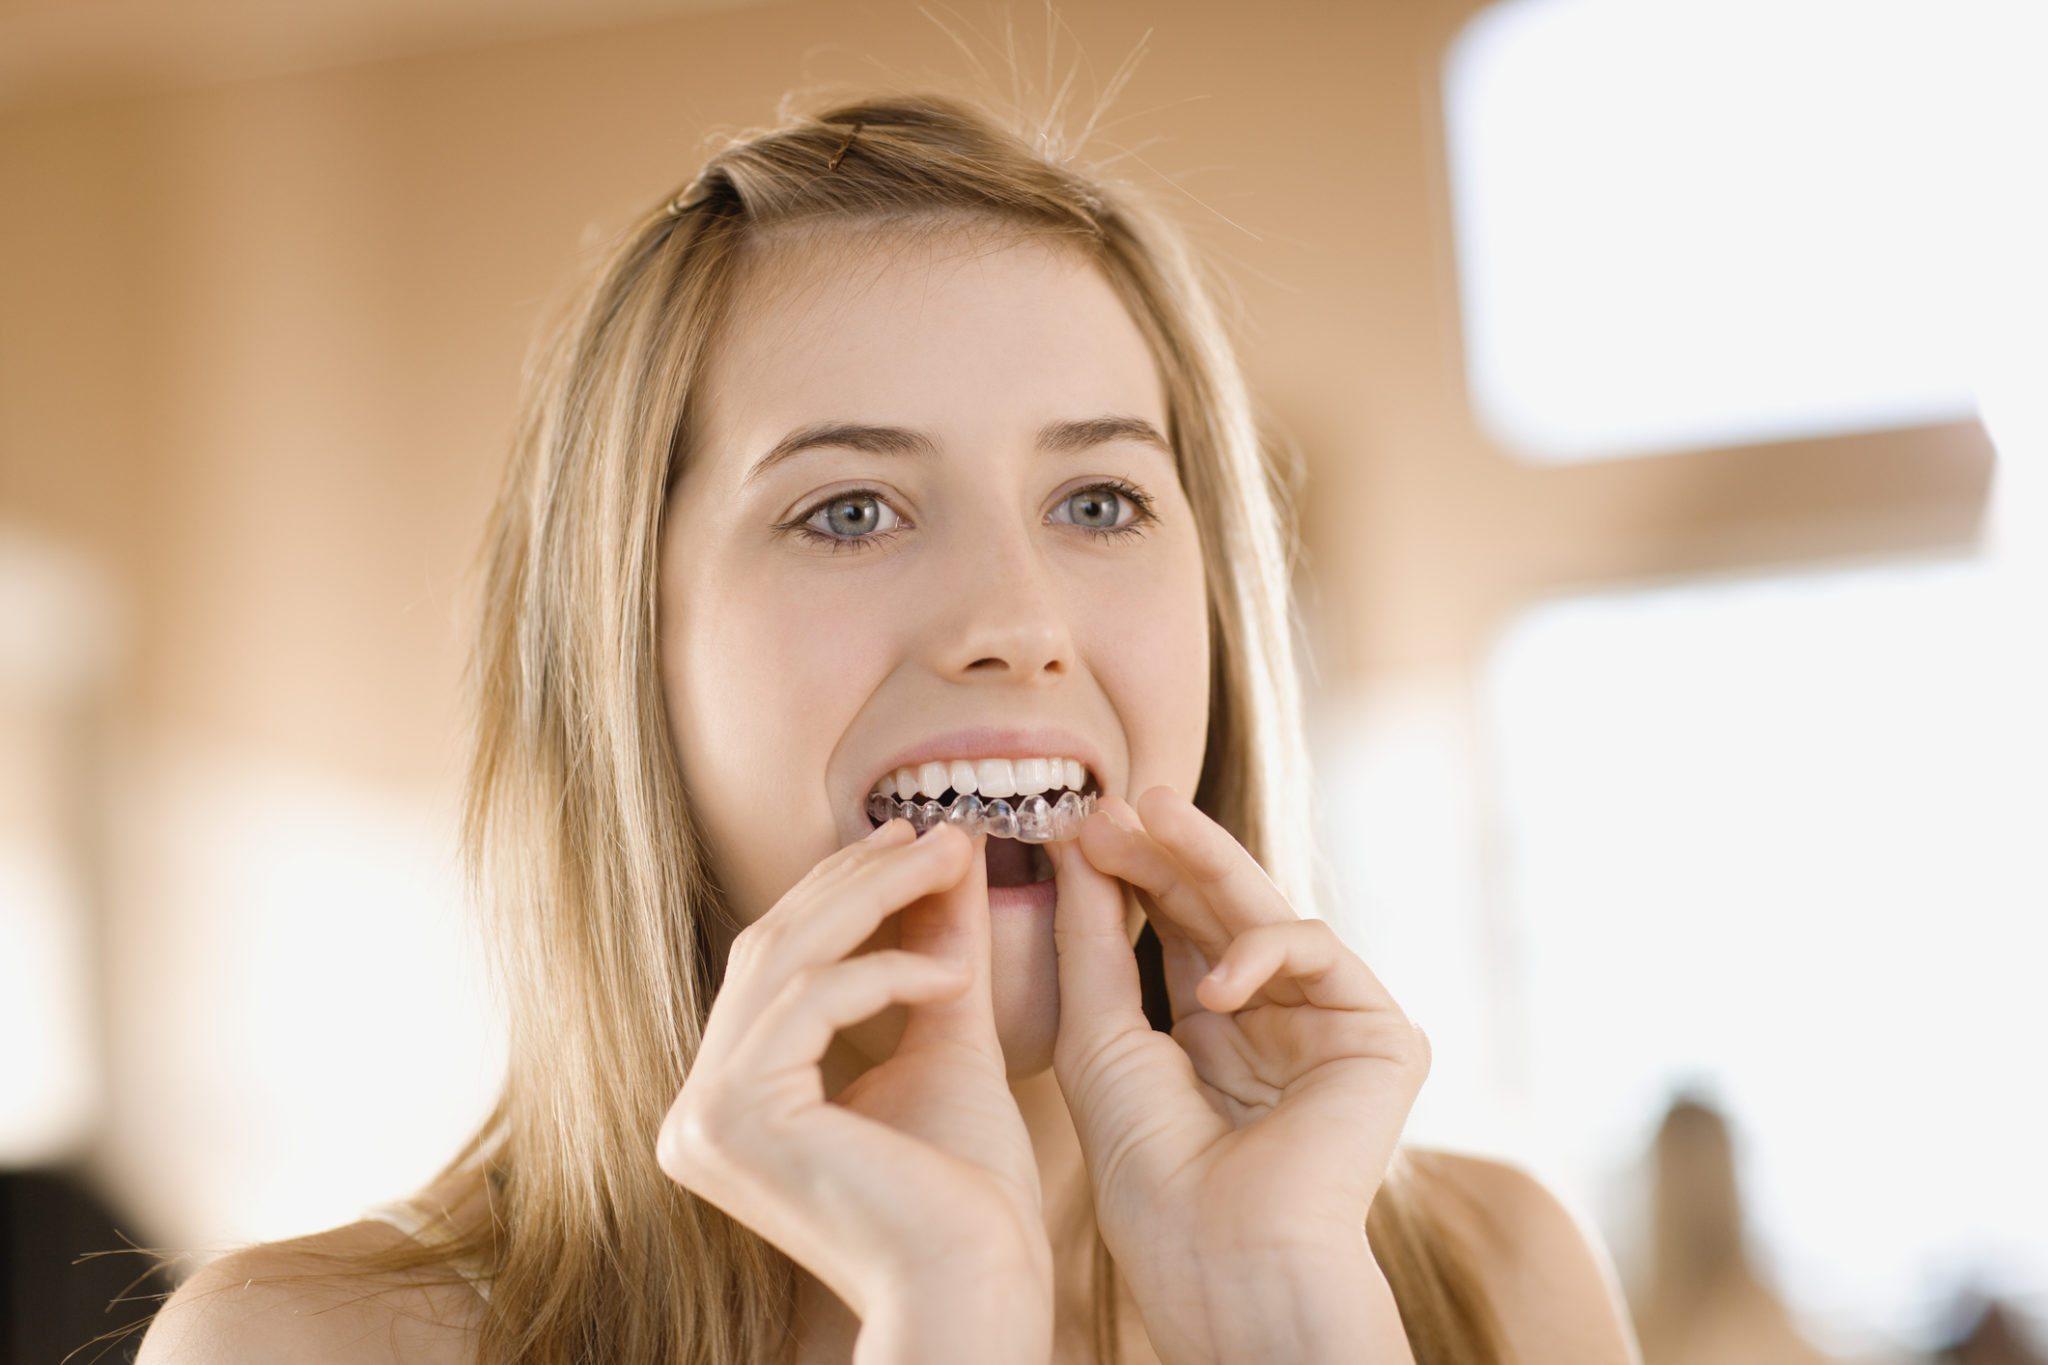 Longmont orthodontist